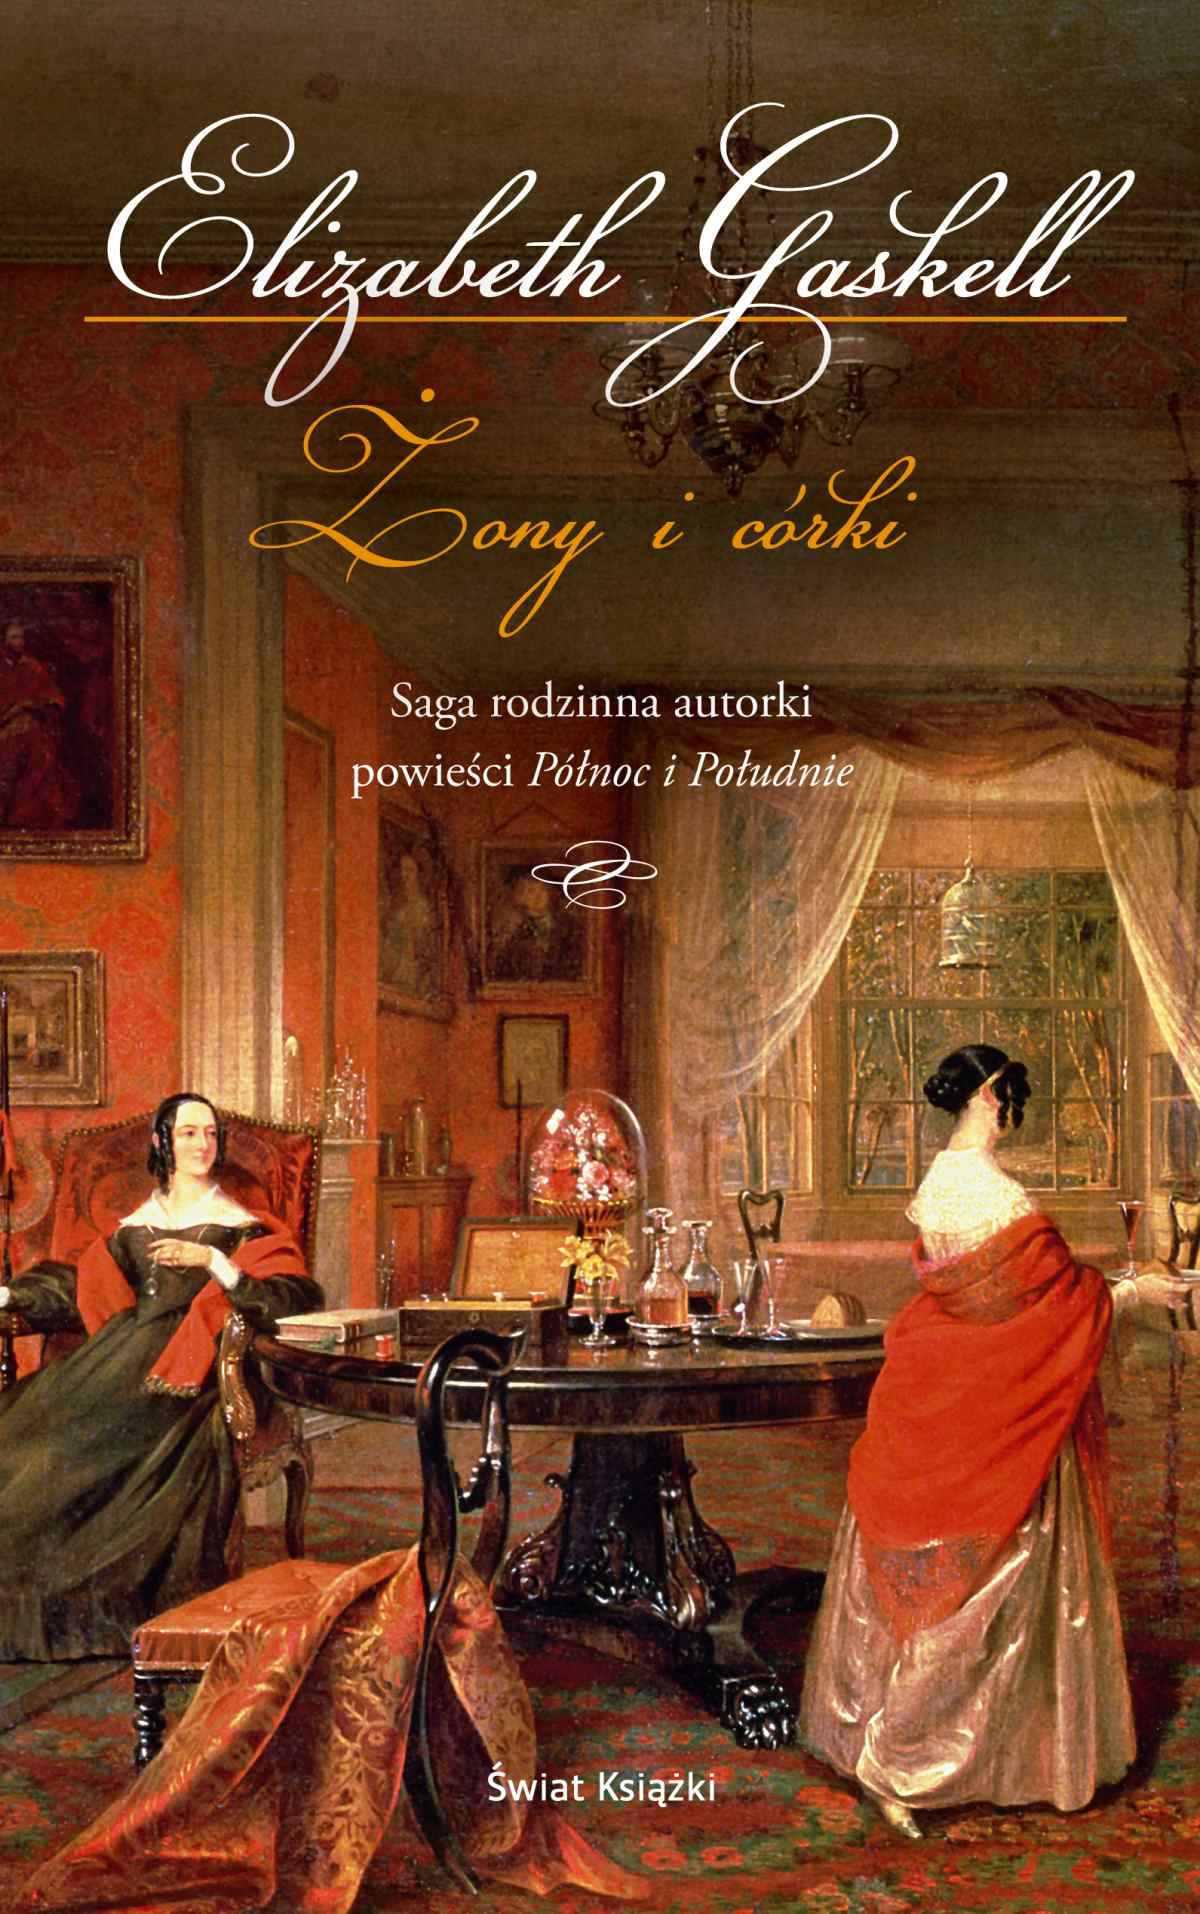 Żony i córki - Ebook (Książka na Kindle) do pobrania w formacie MOBI